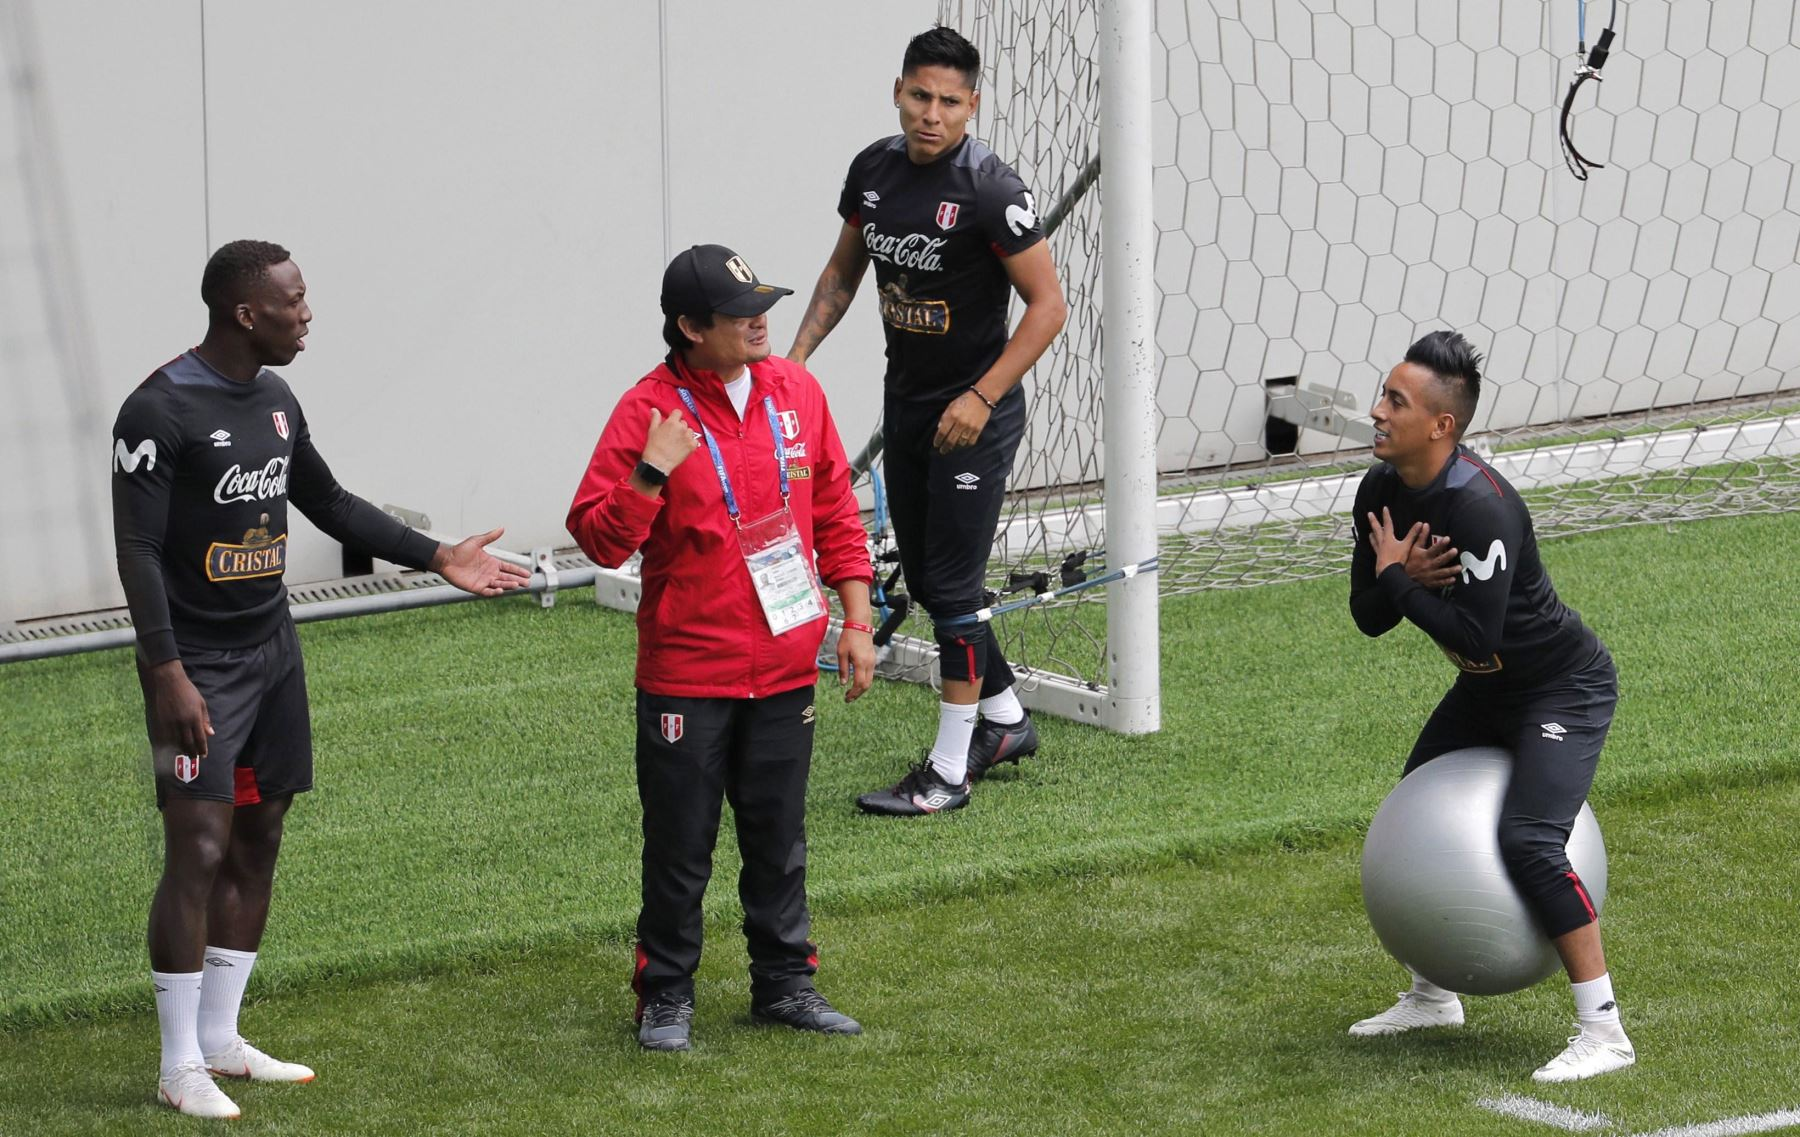 Los jugadores de la selección de Peruana, el defensa Luis Advíncula (1i), el centrocampista Christian Cueva (1d) y el delantero Raúl Ruidíaz (d), durante el entrenamiento de esta mañana en la localidad de Moscú. Foto: EFE